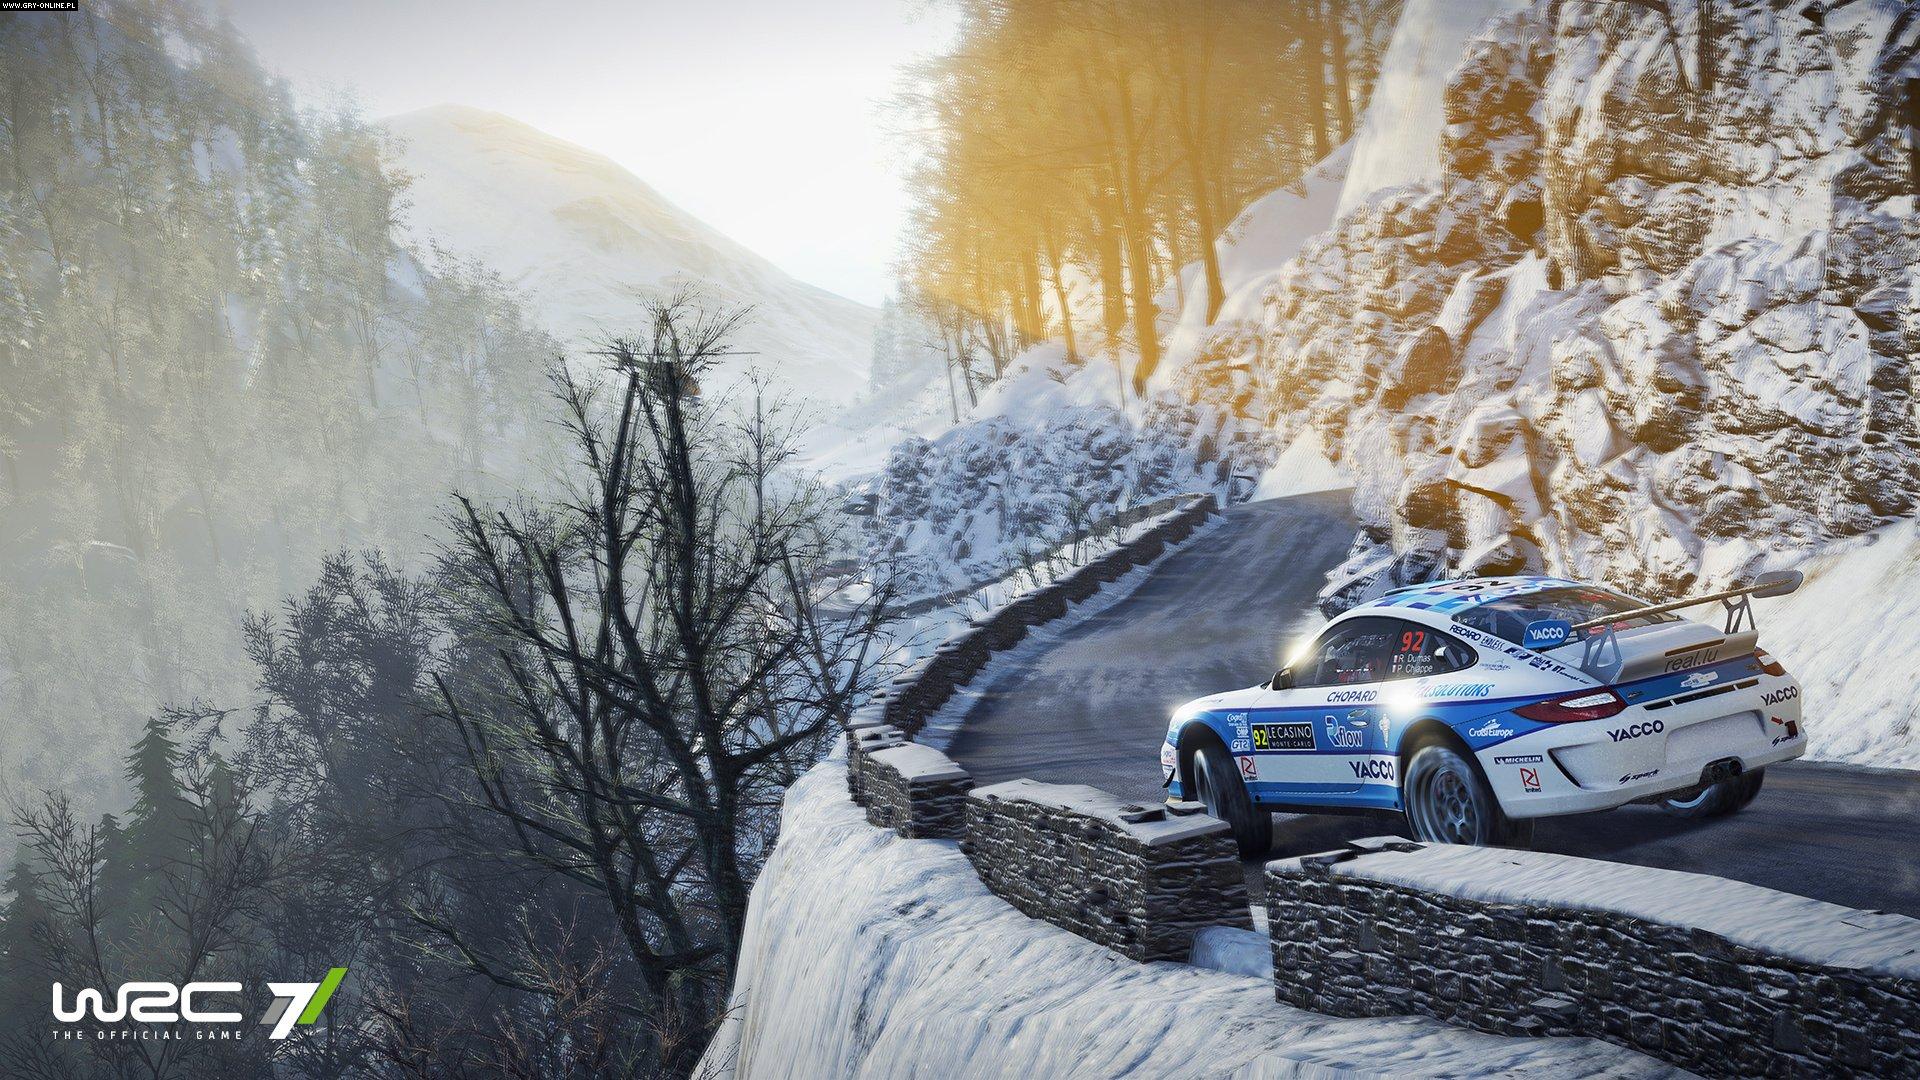 jeux de rallye téléchargement gratuit pour Windows 7